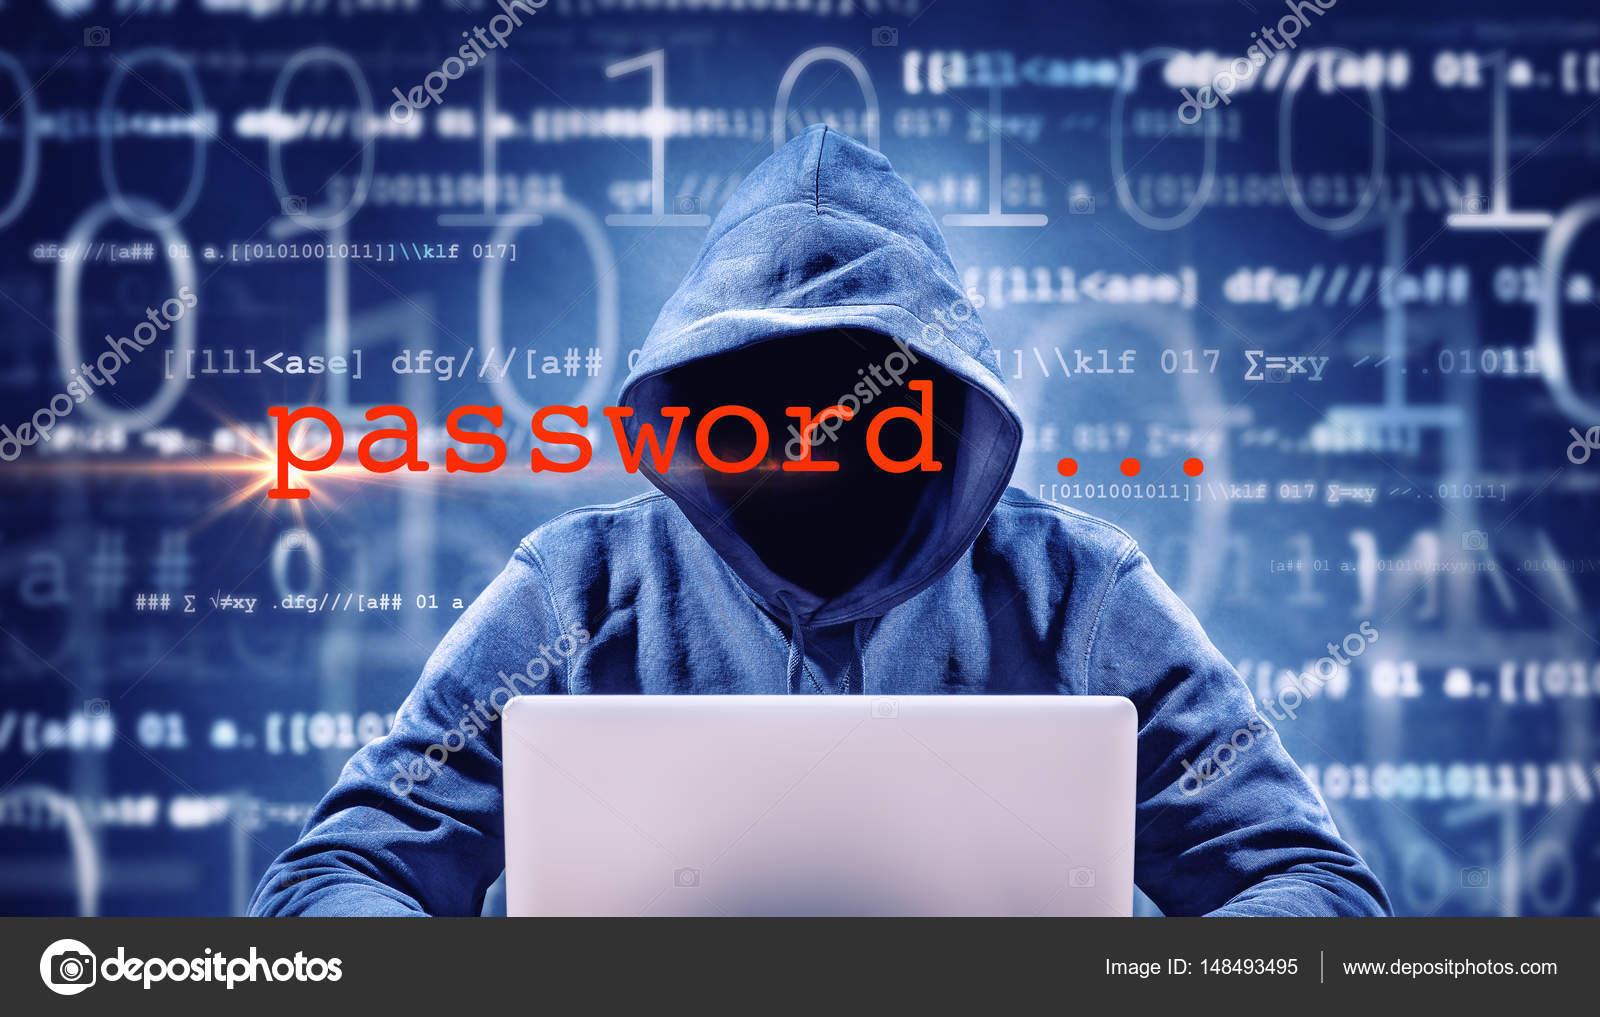 Design Stehlen ein passwort zu stehlen stockfoto frank peters 148493495